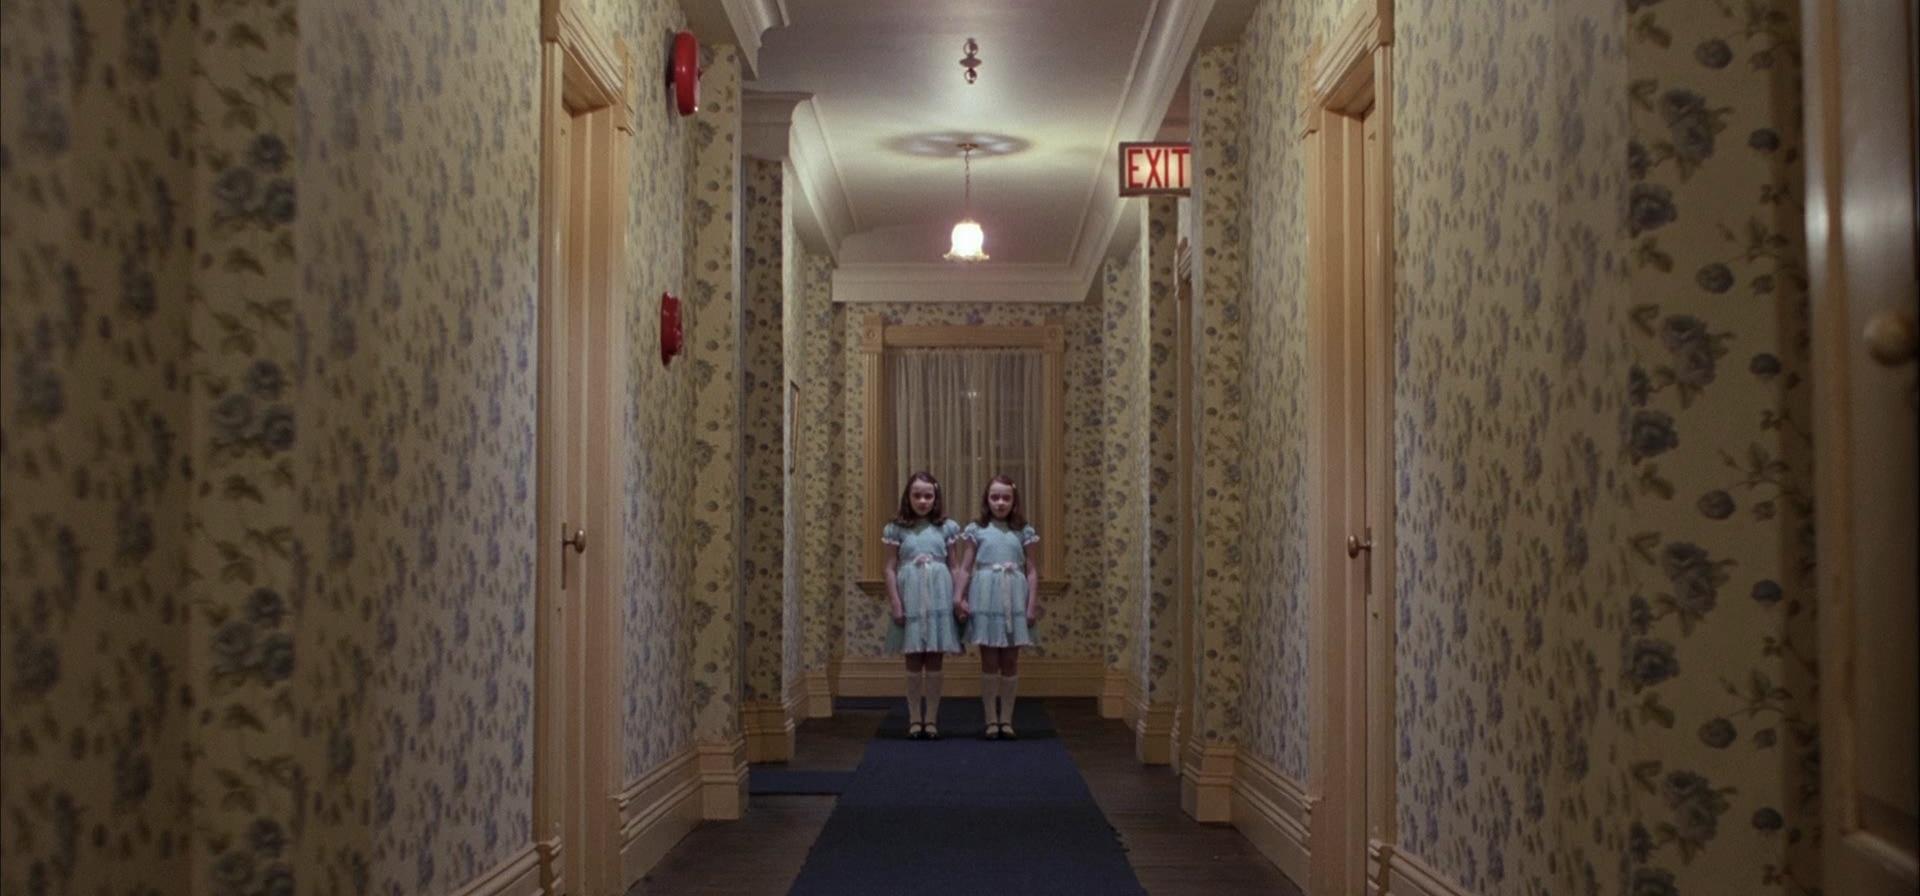 Cena de O Iluminado, de Stanley Kubrick